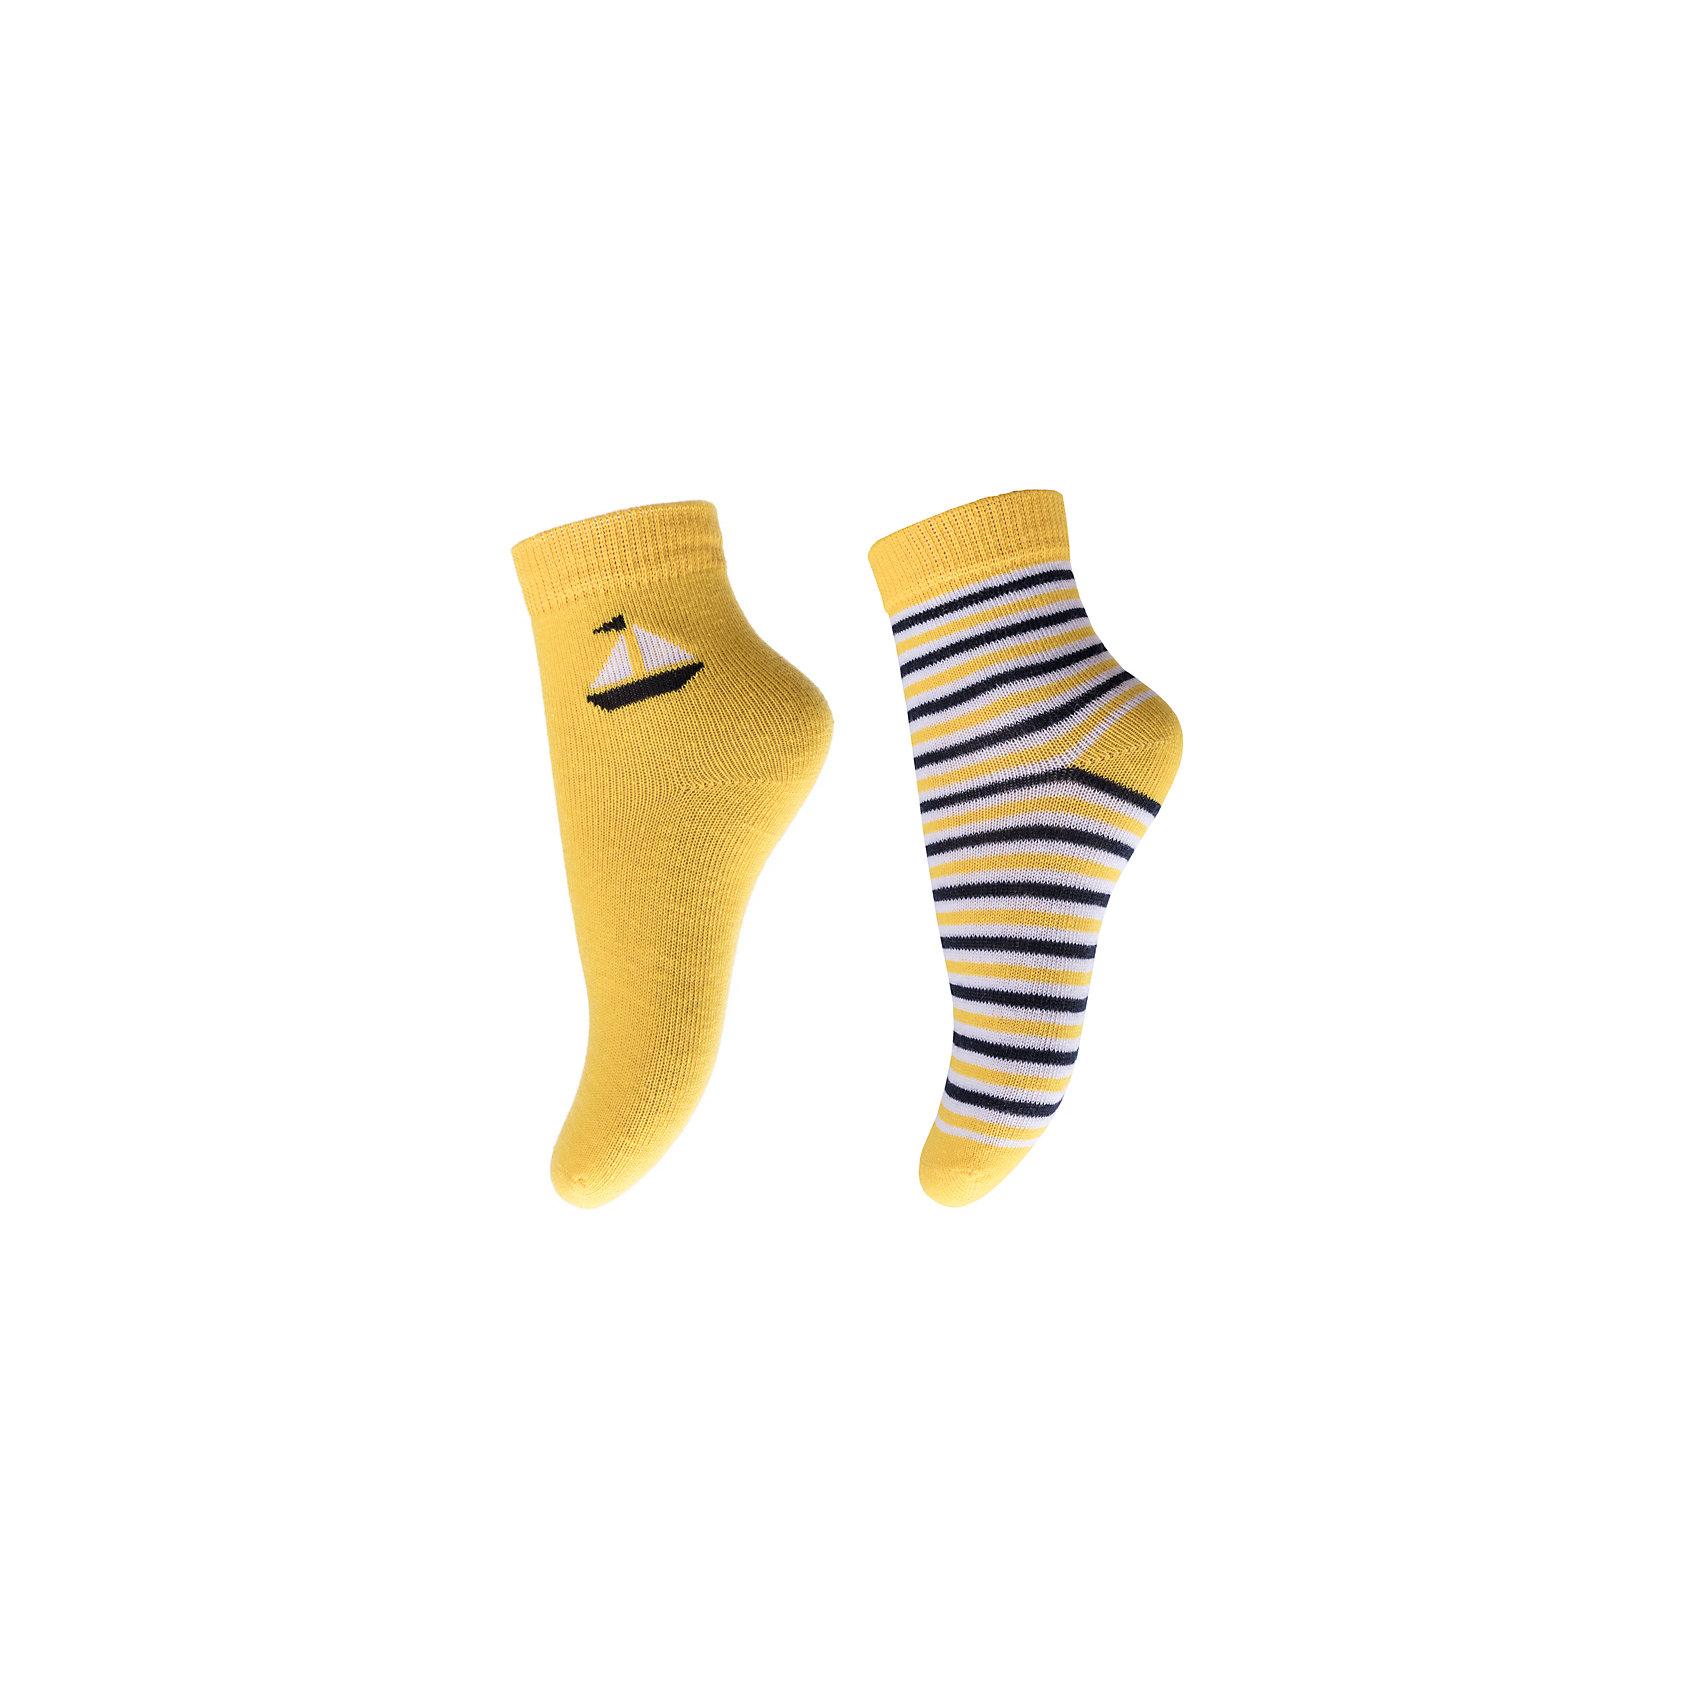 Носки для мальчика PlayTodayНоски<br>Носки очень мягкие, из качественных материалов, приятны к телу и не сковывают движений. Хорошо облегают ногу.Преимущества: Мягкие, выполненные из натуральных материалов, приятны к телу, не сковывают движенийХорошо пропускают воздух, позволяя тем самым коже дышатьДаже частые стирки, при условии соблюдений рекомендаций по уходу, не изменят ни форму, ни цвет изделия.<br>Состав:<br>75% хлопок, 22% нейлон, 3% эластан<br><br>Ширина мм: 87<br>Глубина мм: 10<br>Высота мм: 105<br>Вес г: 115<br>Цвет: разноцветный<br>Возраст от месяцев: 12<br>Возраст до месяцев: 24<br>Пол: Мужской<br>Возраст: Детский<br>Размер: 11,12<br>SKU: 5604606